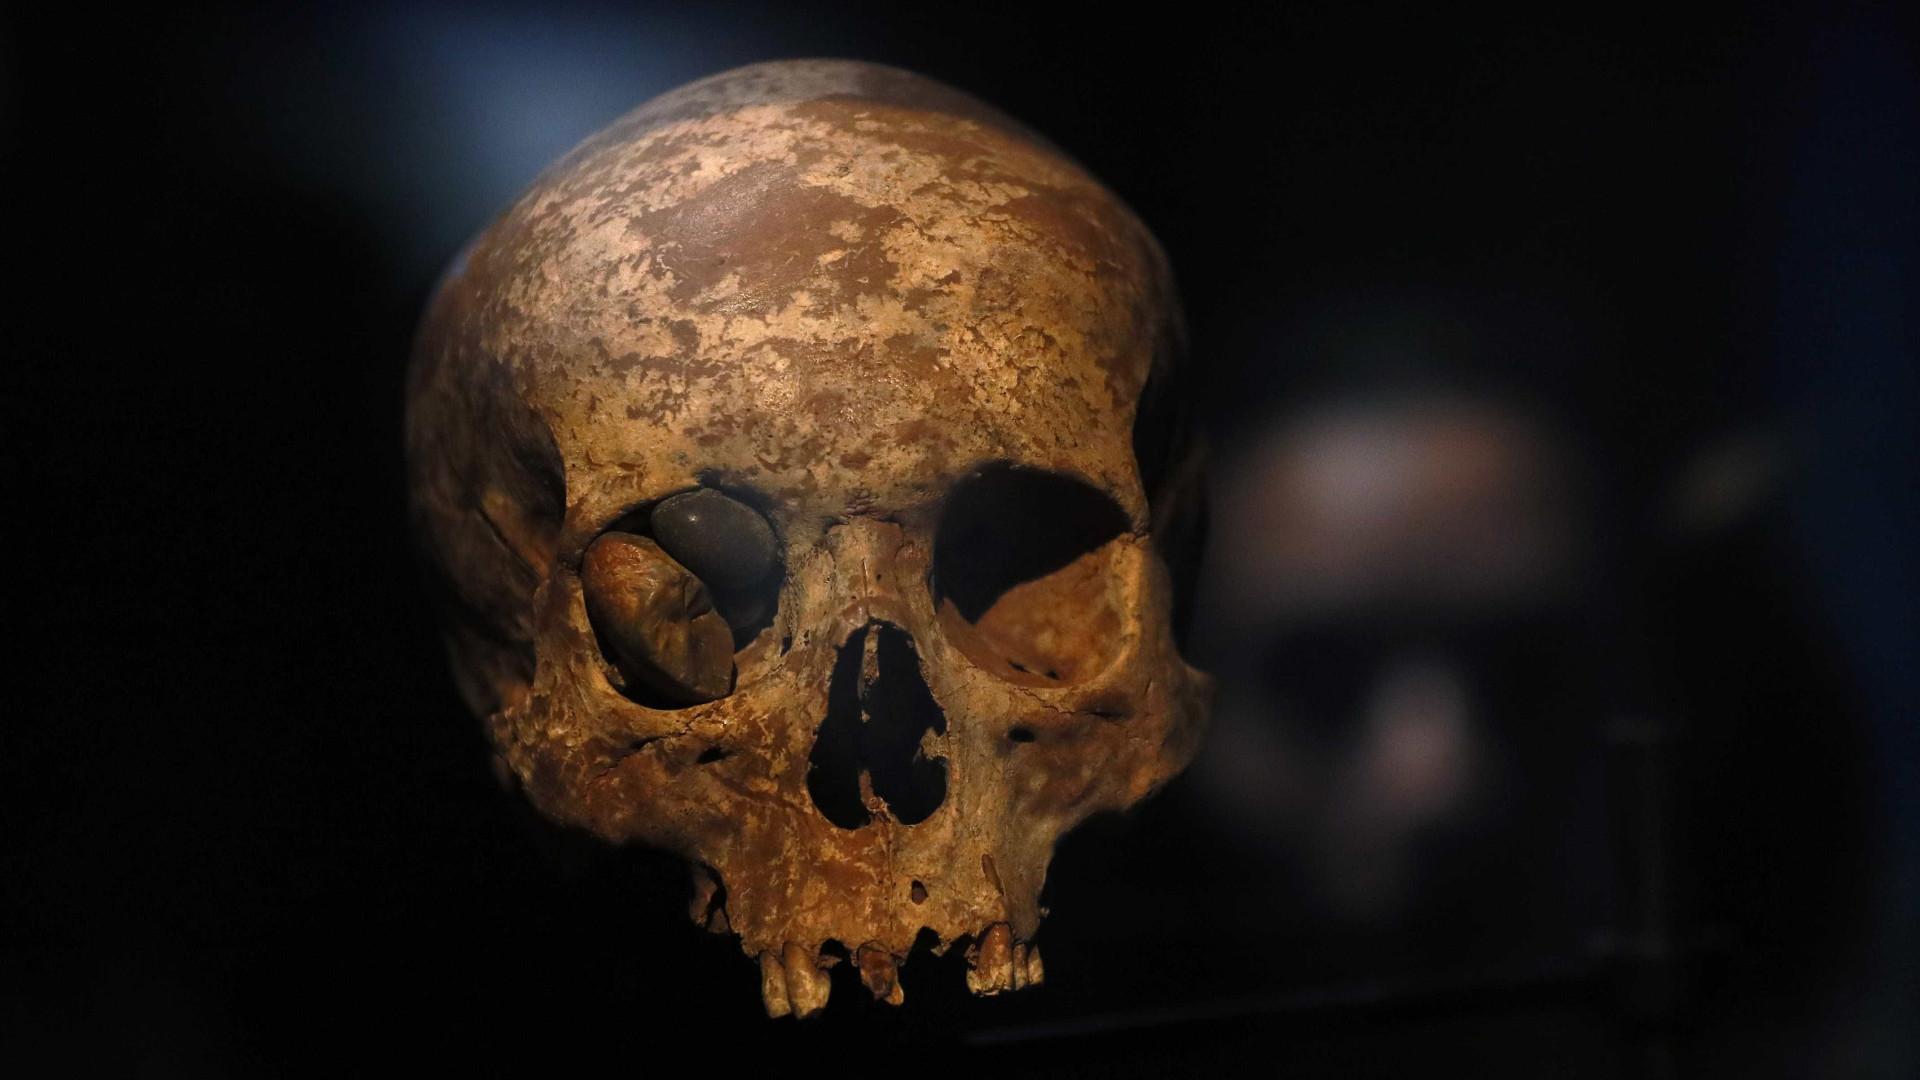 Descobertos 47 crânios humanos em cemitério clandestino no México